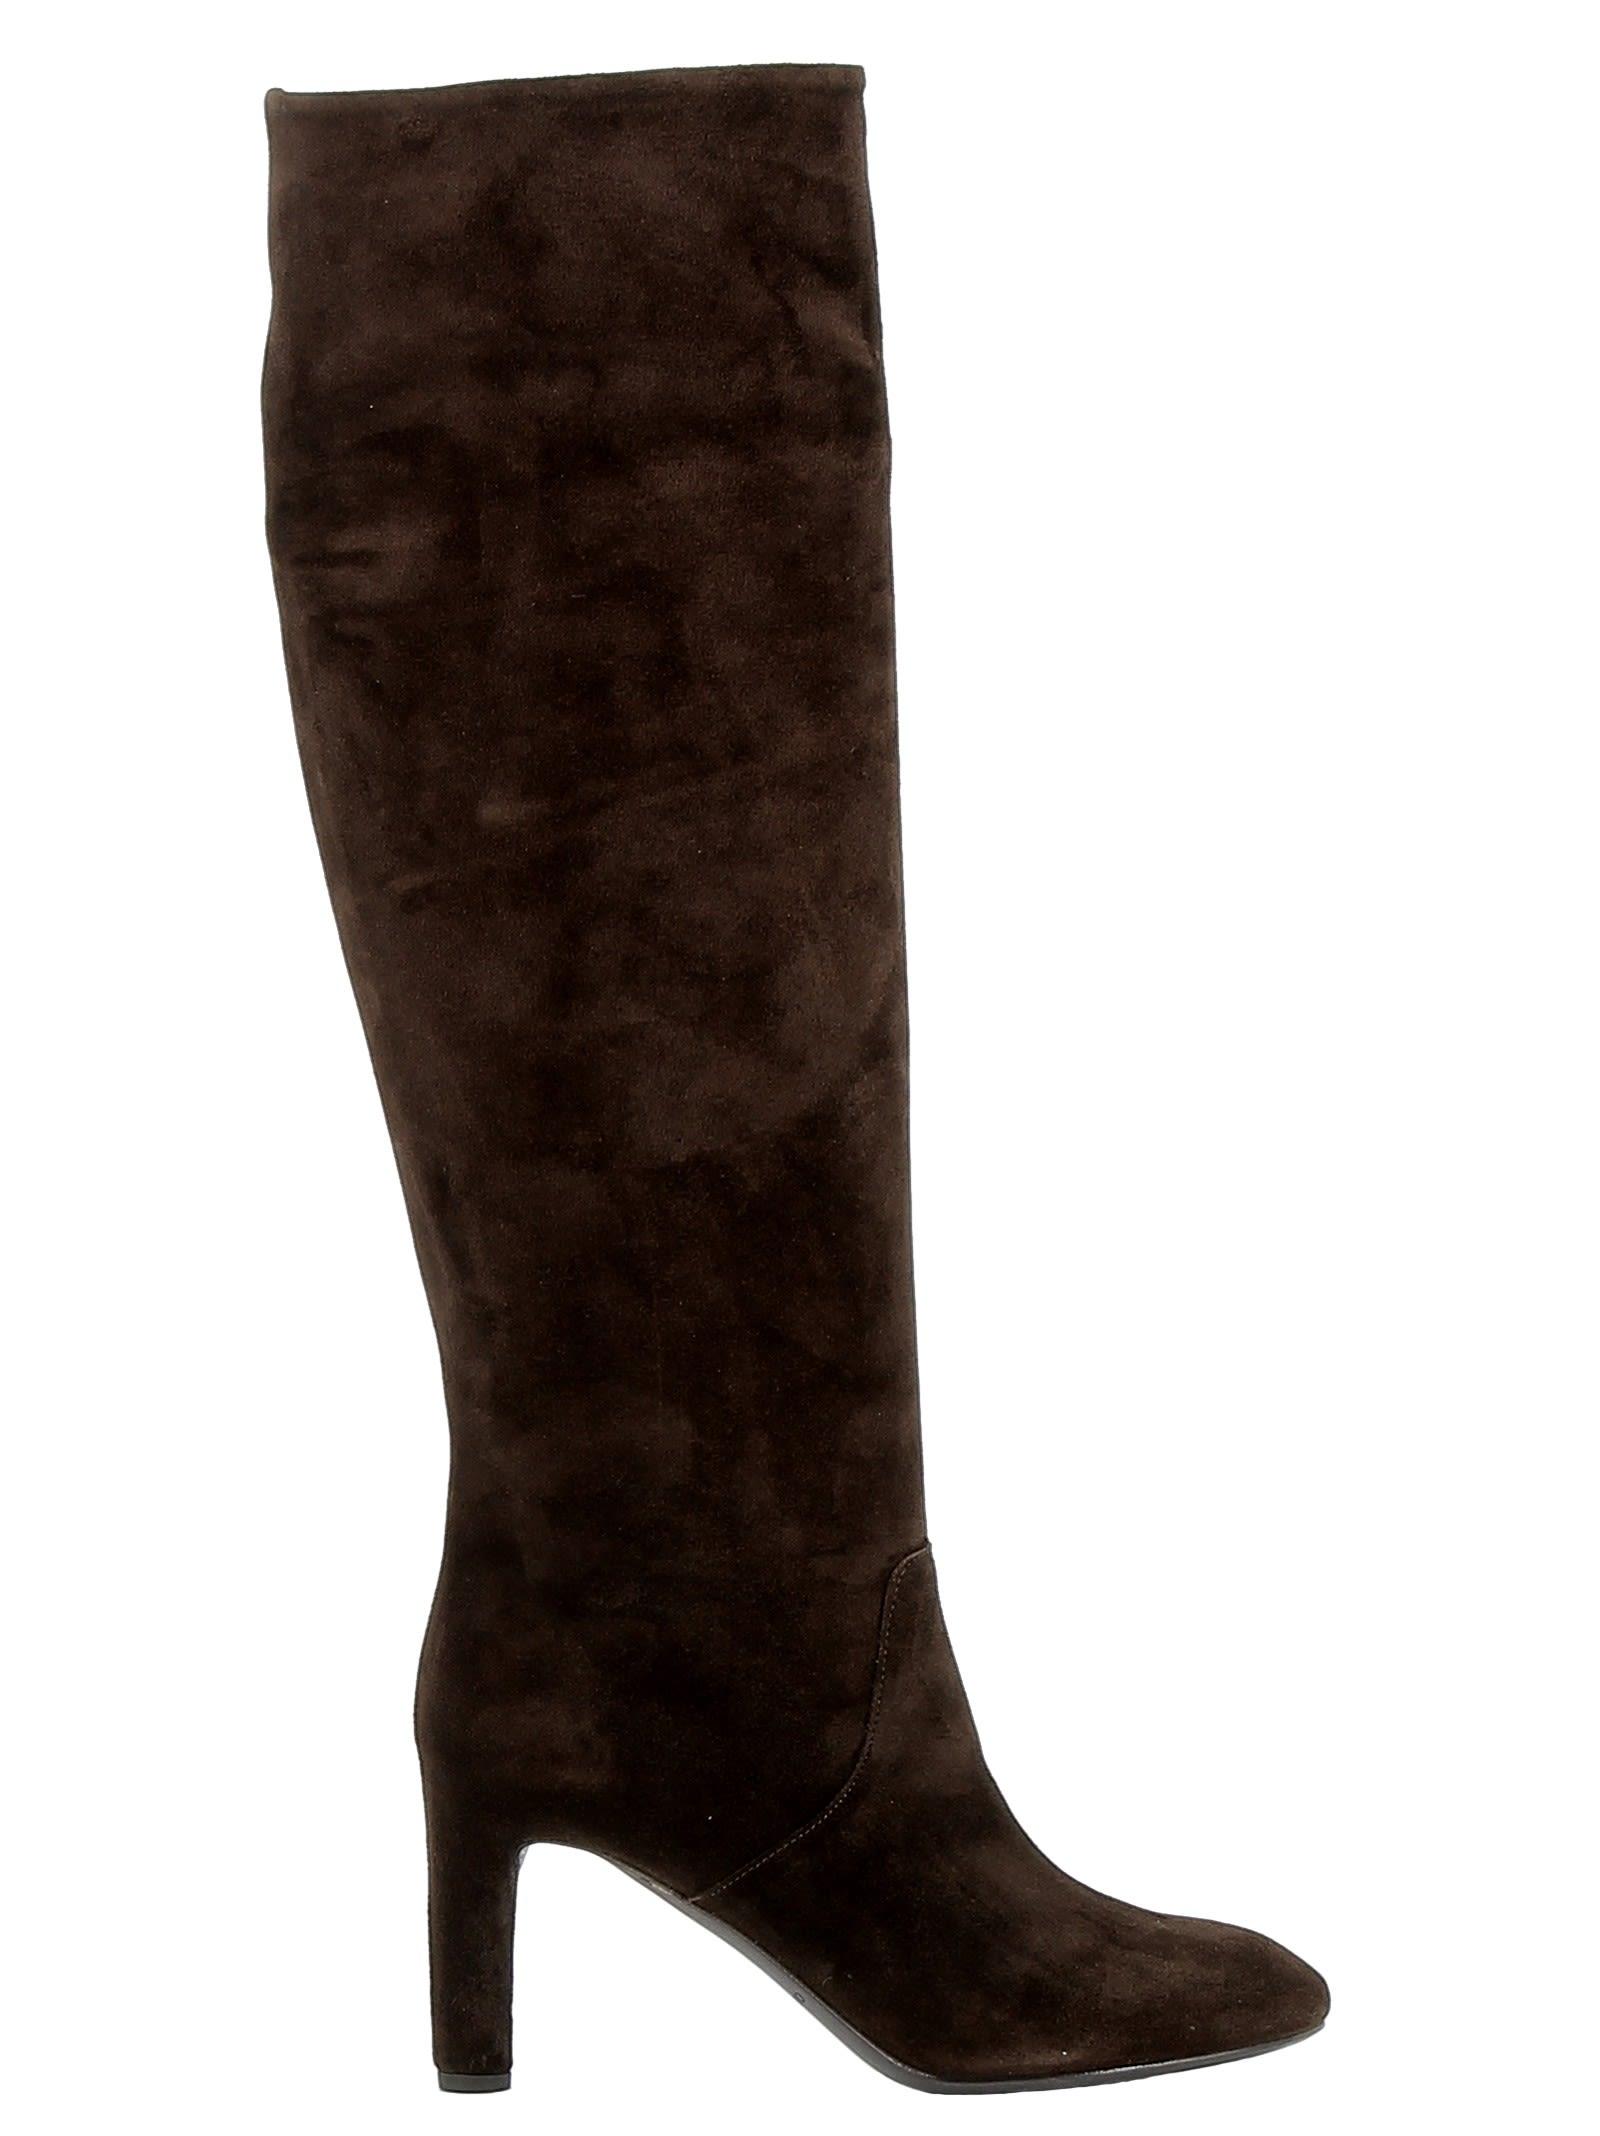 Roberto Del Carlo Brown Suede Boots